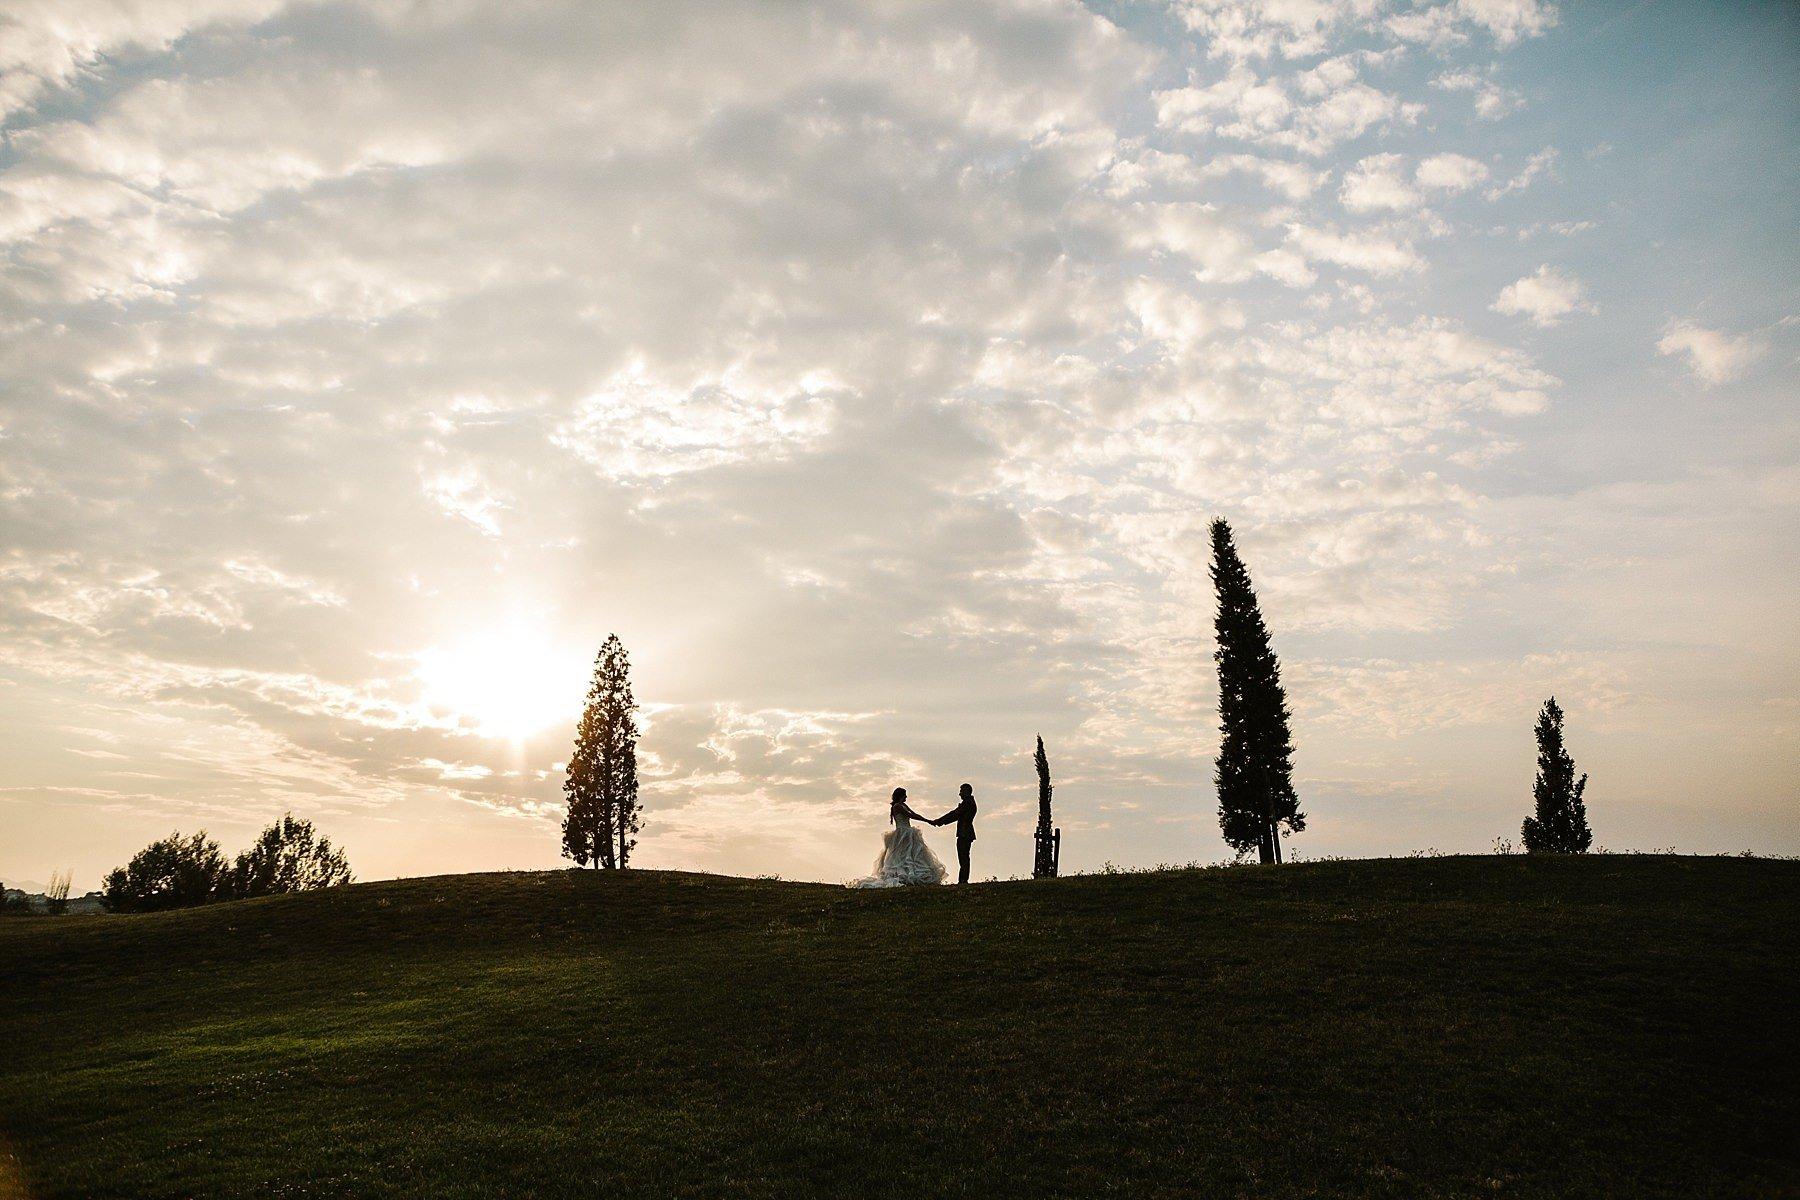 foto spettacolare di sposi al tramonto